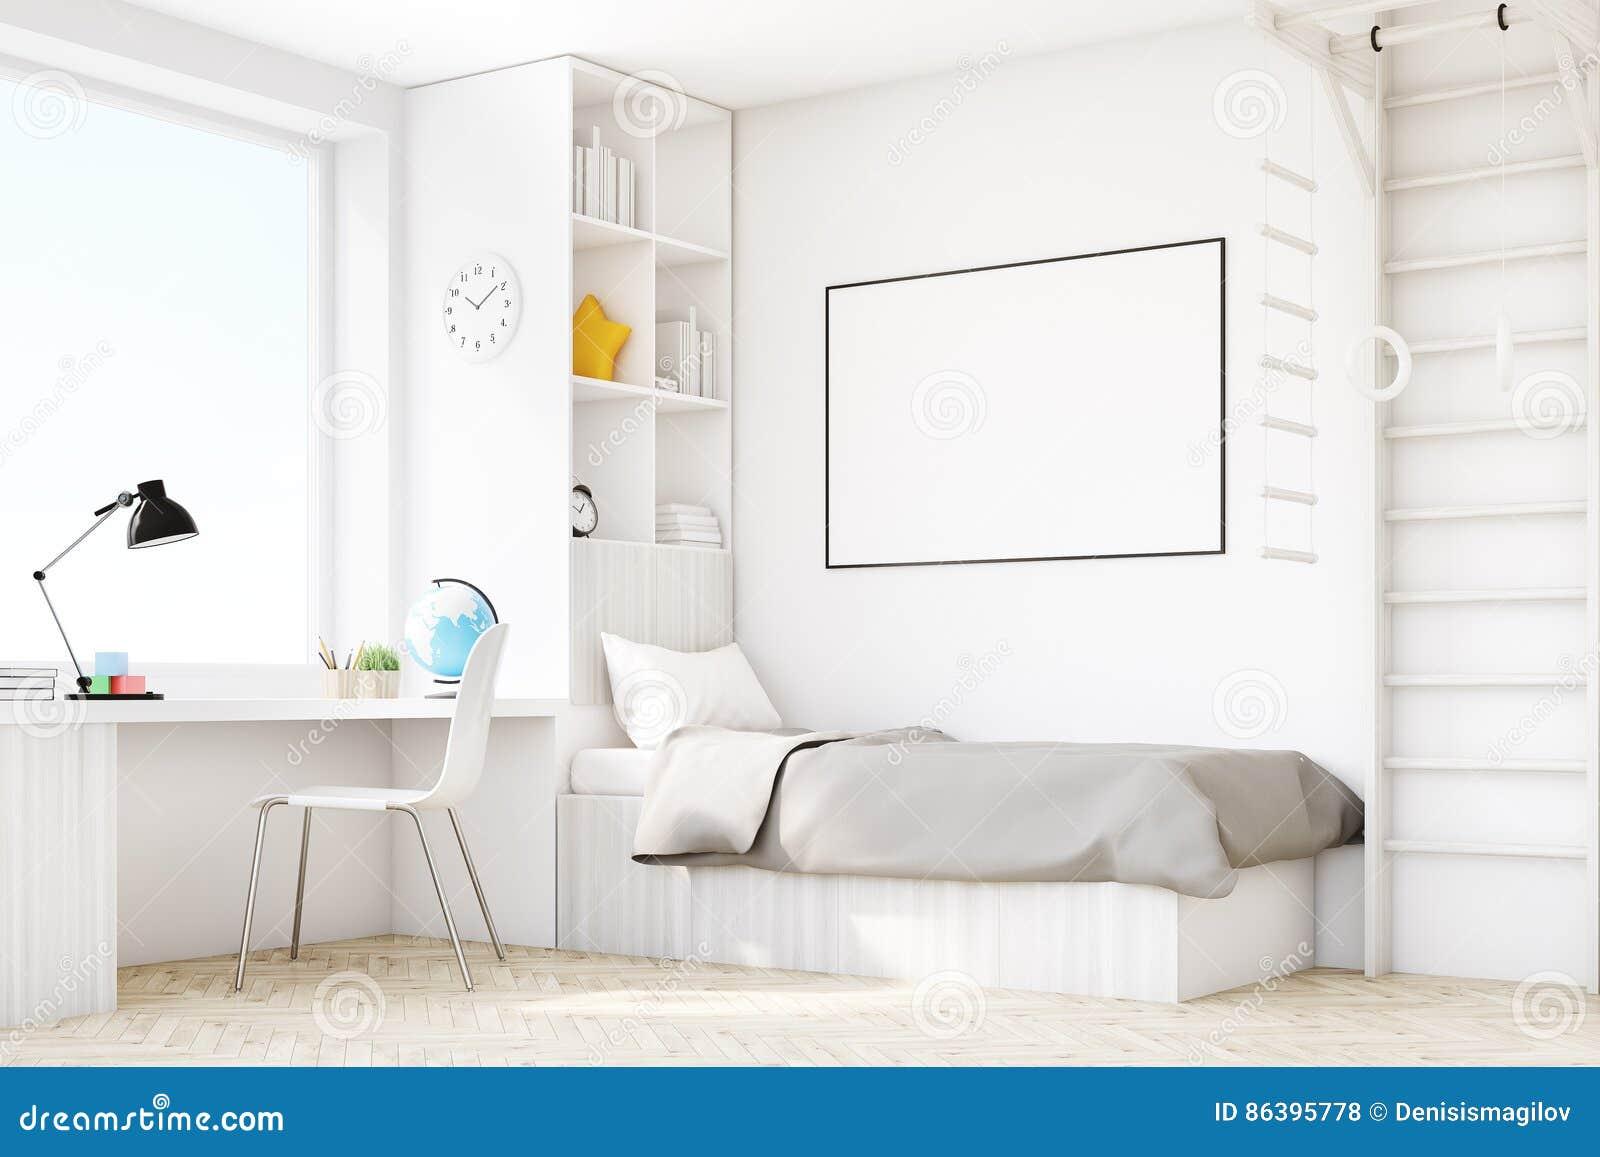 Kinderraum Mit Einem Bett Und Einer Tabelle Ecke Stock Abbildung